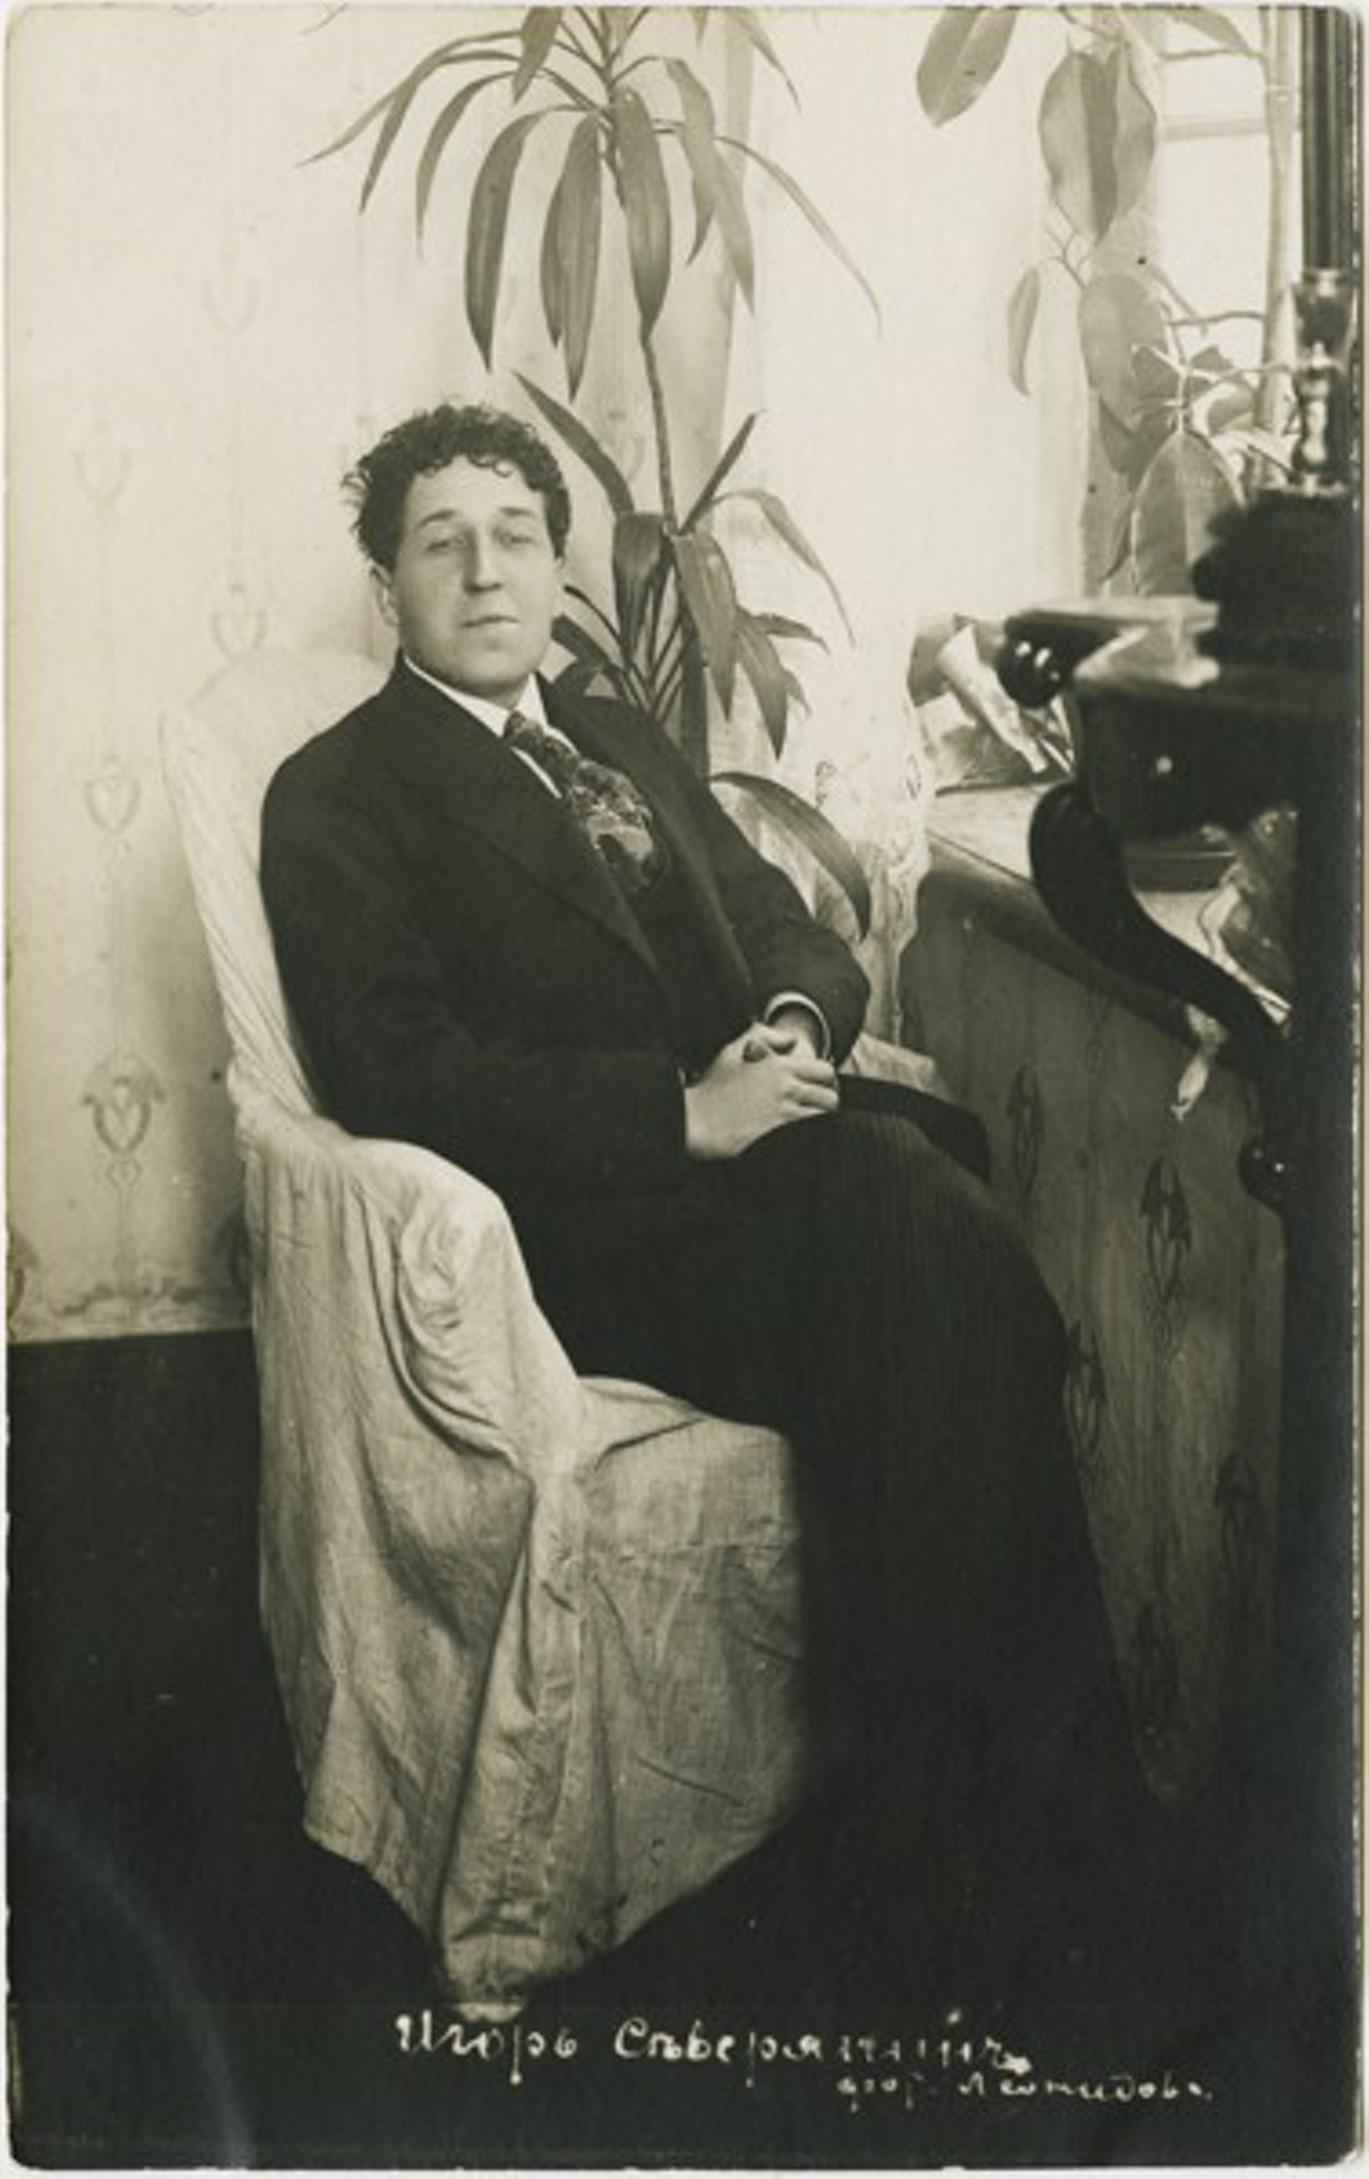 Игорь Северянин, 1933 год. Источник фото: culture.ru